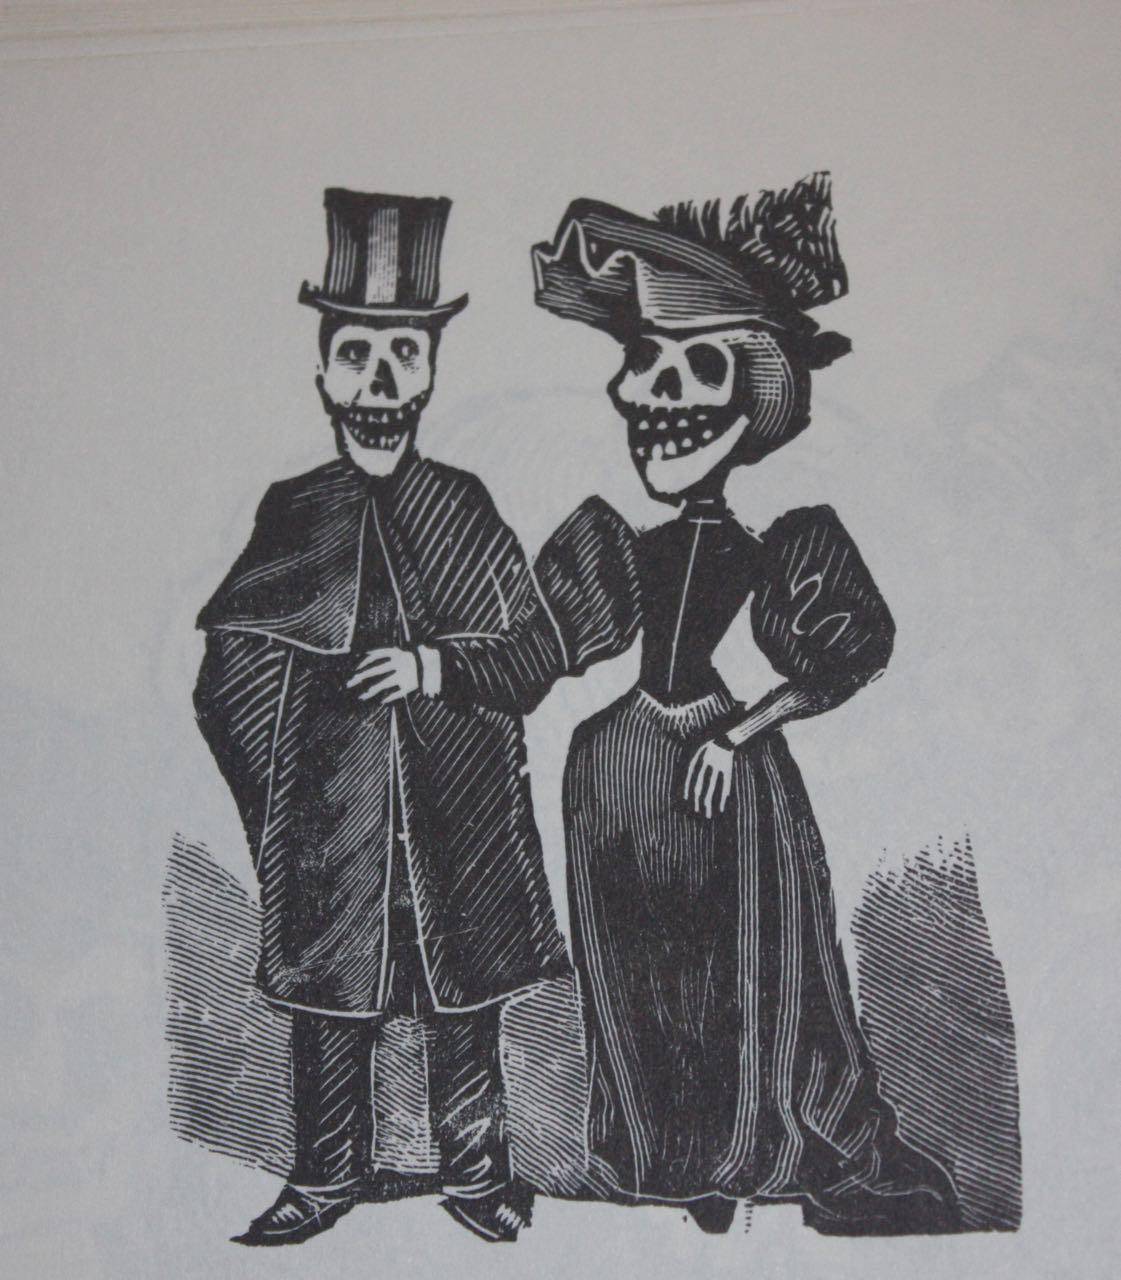 Couple Calavera